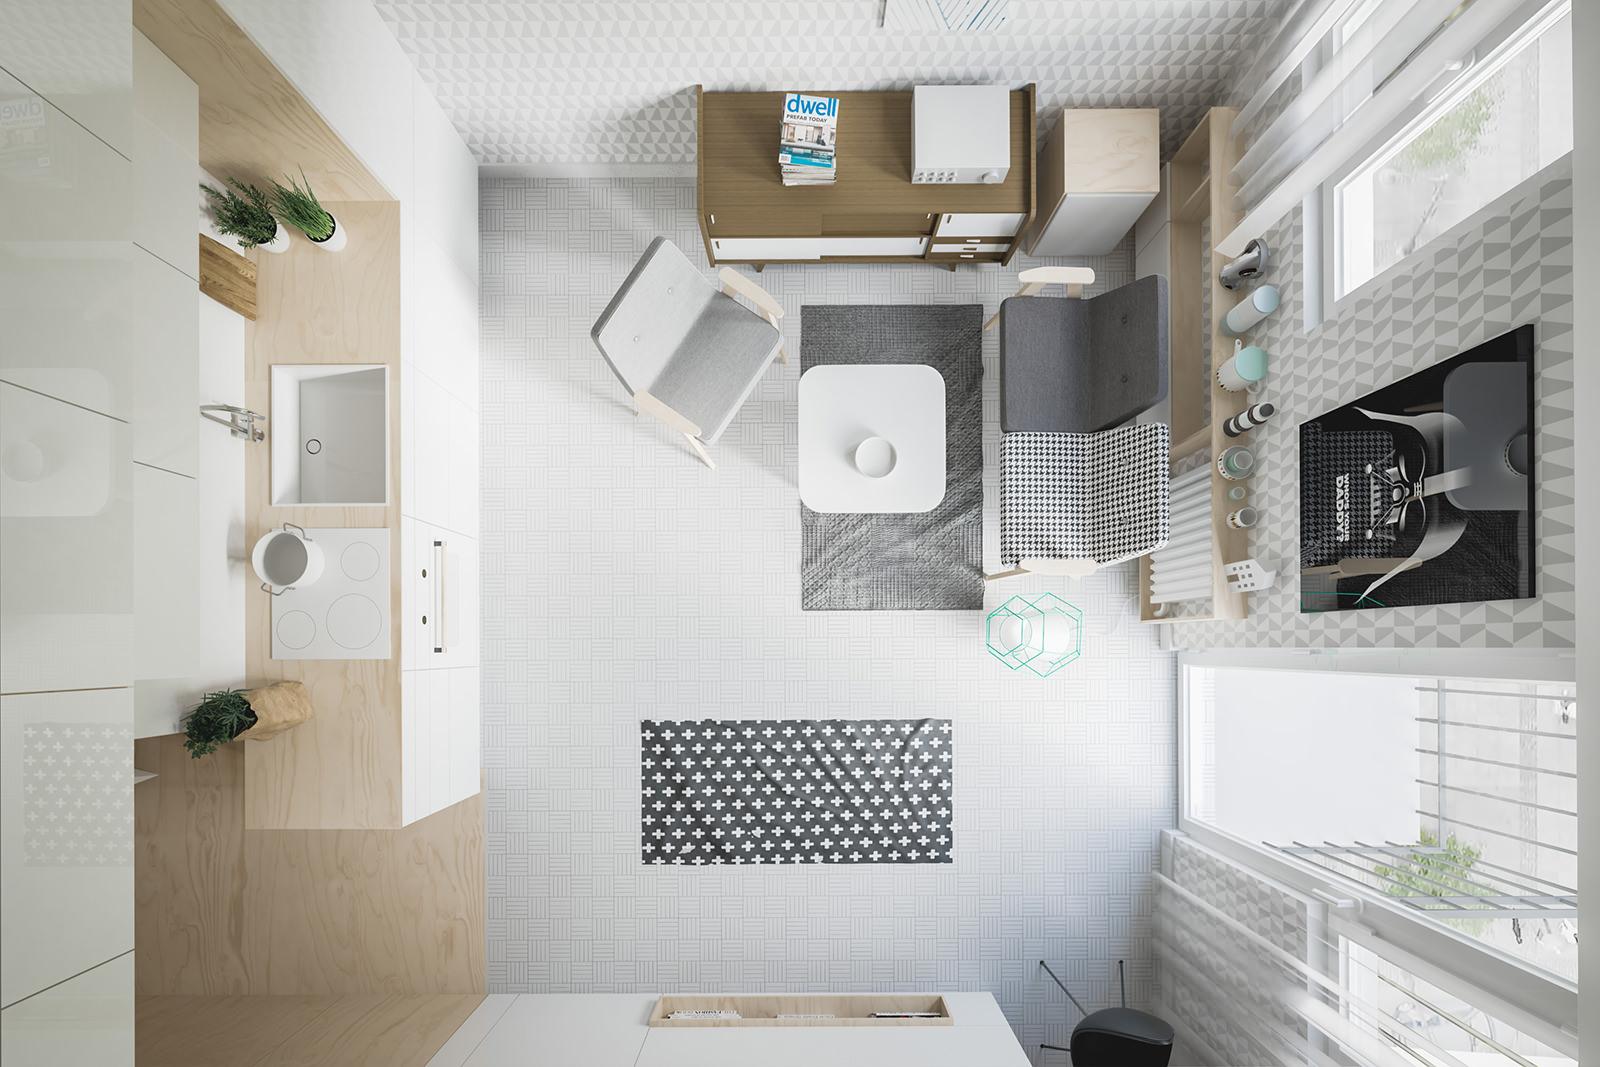 Ремонт квартиры с материалами цена под ключ в Москве